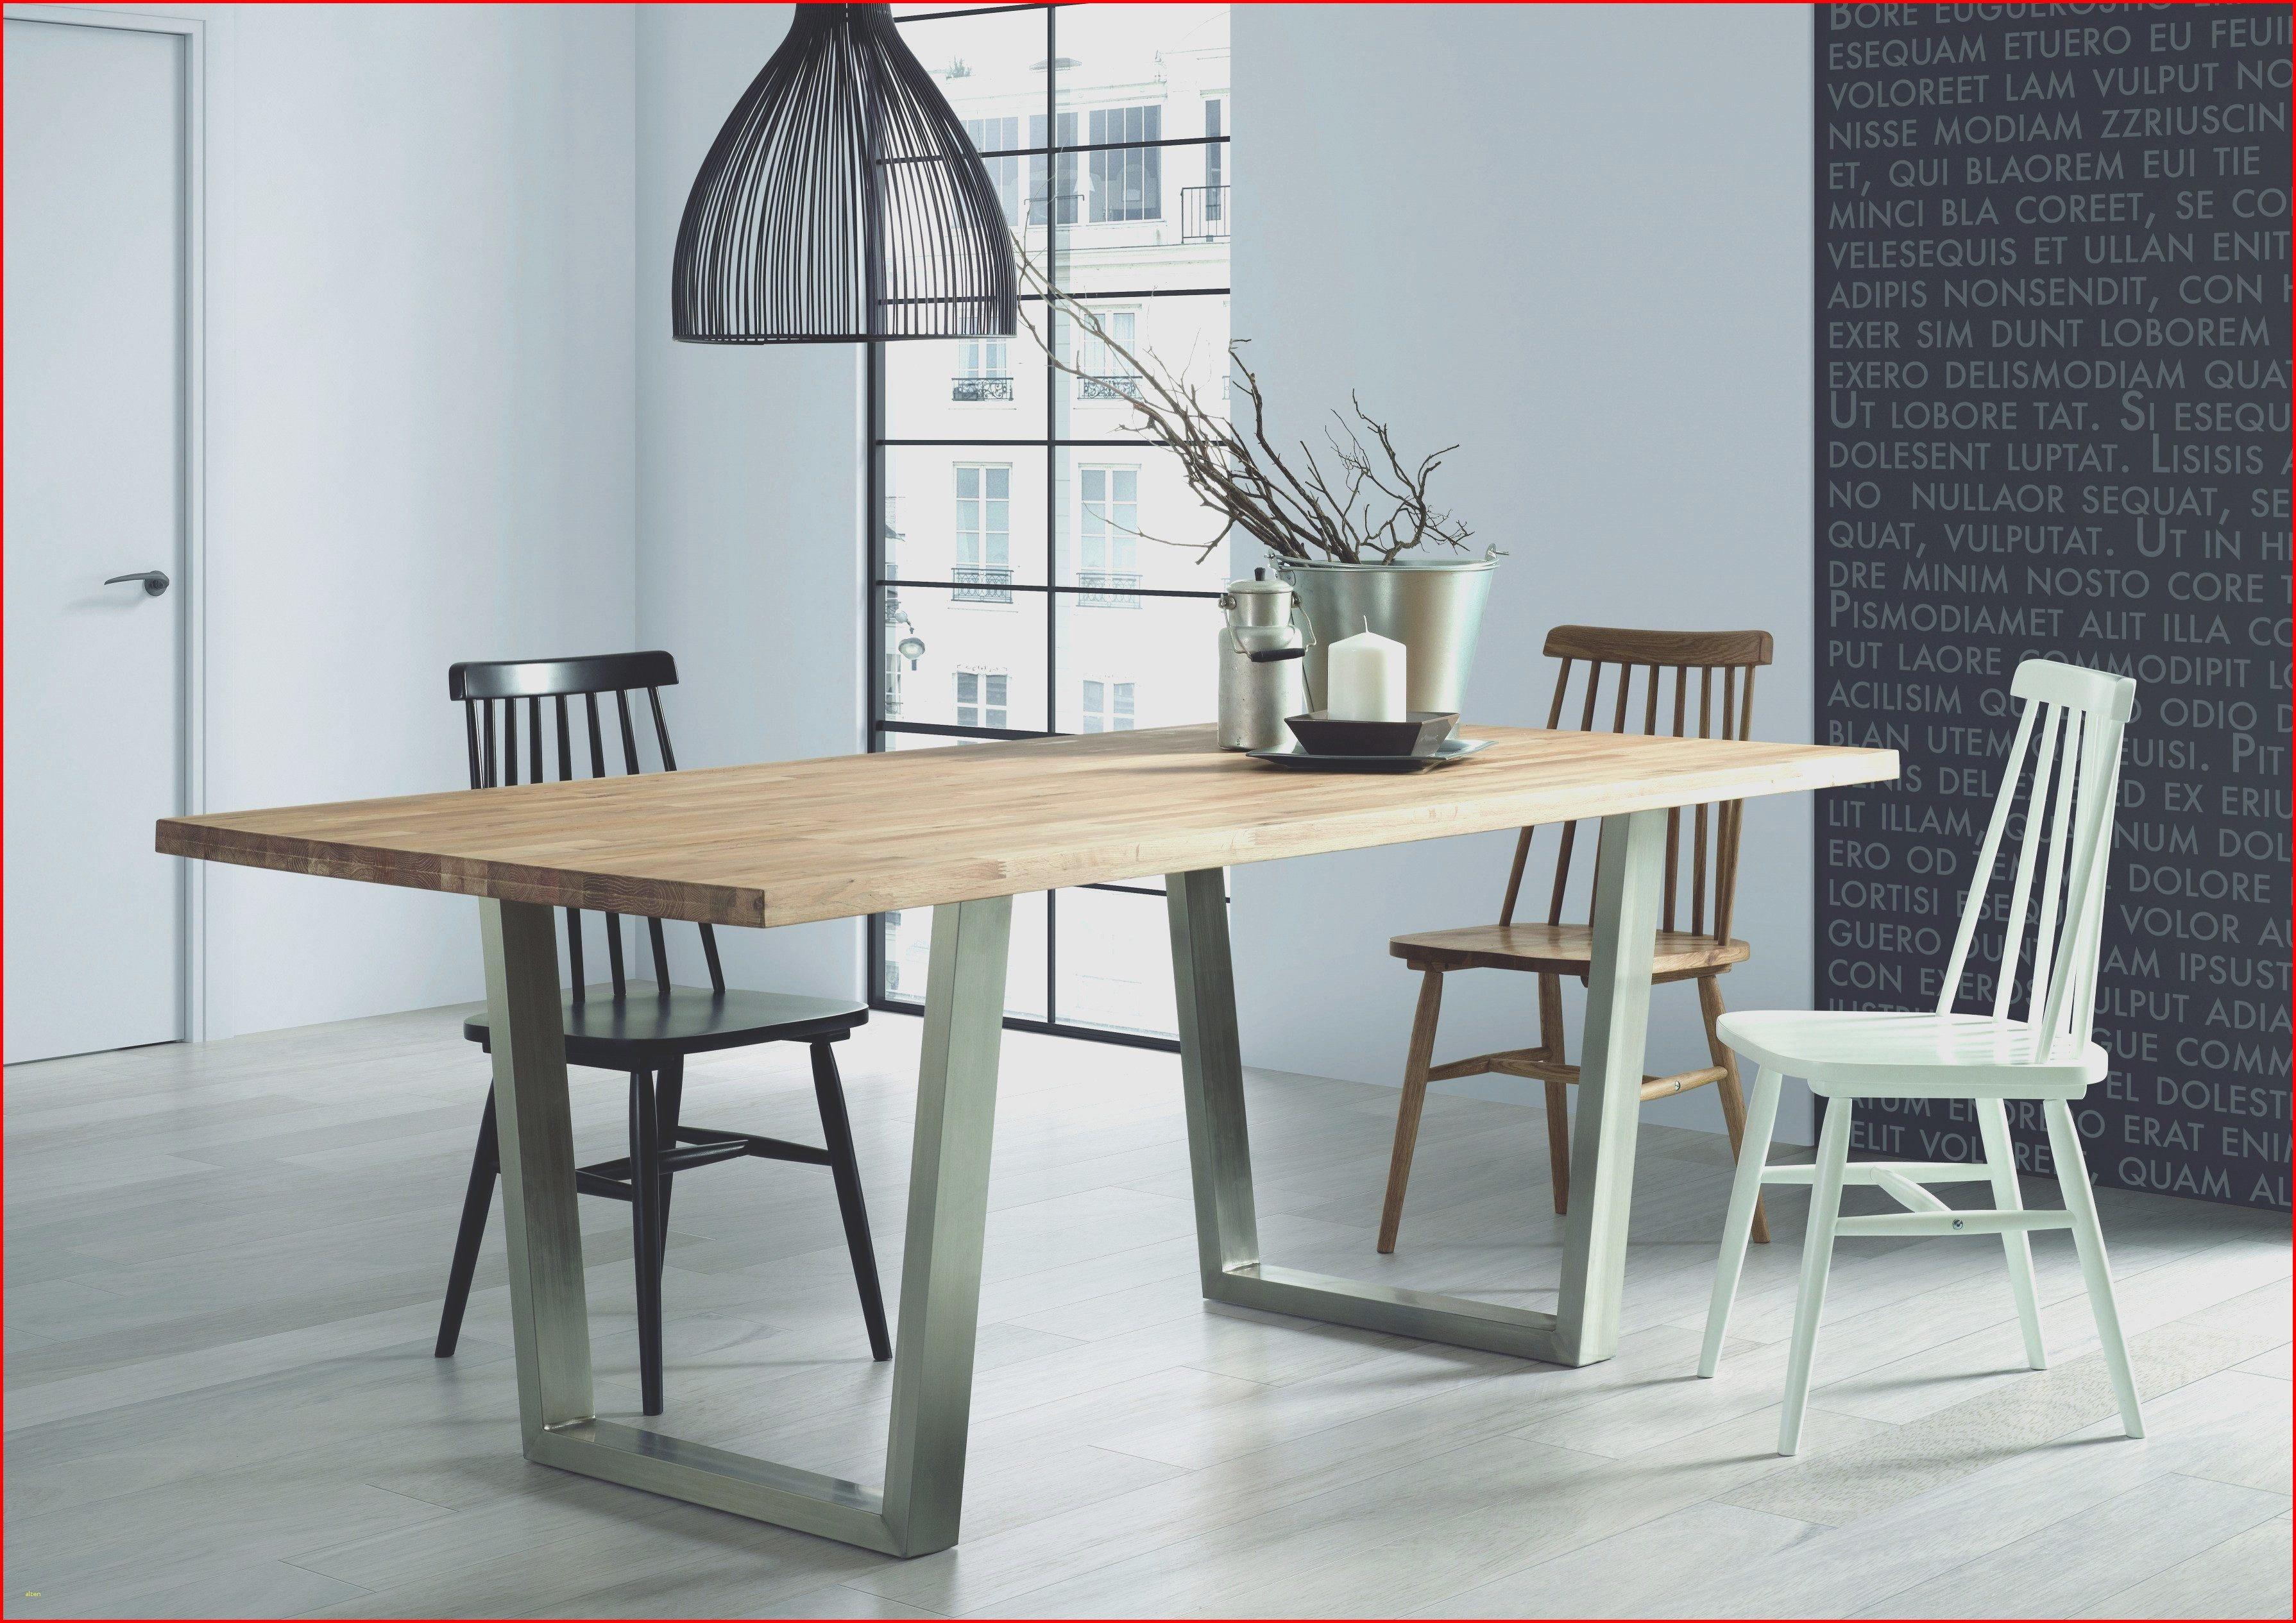 Castorama Tete De Lit Nouveau Lit Avec Meuble Ikea Cuisine Francaise Meuble élégant Cuisine